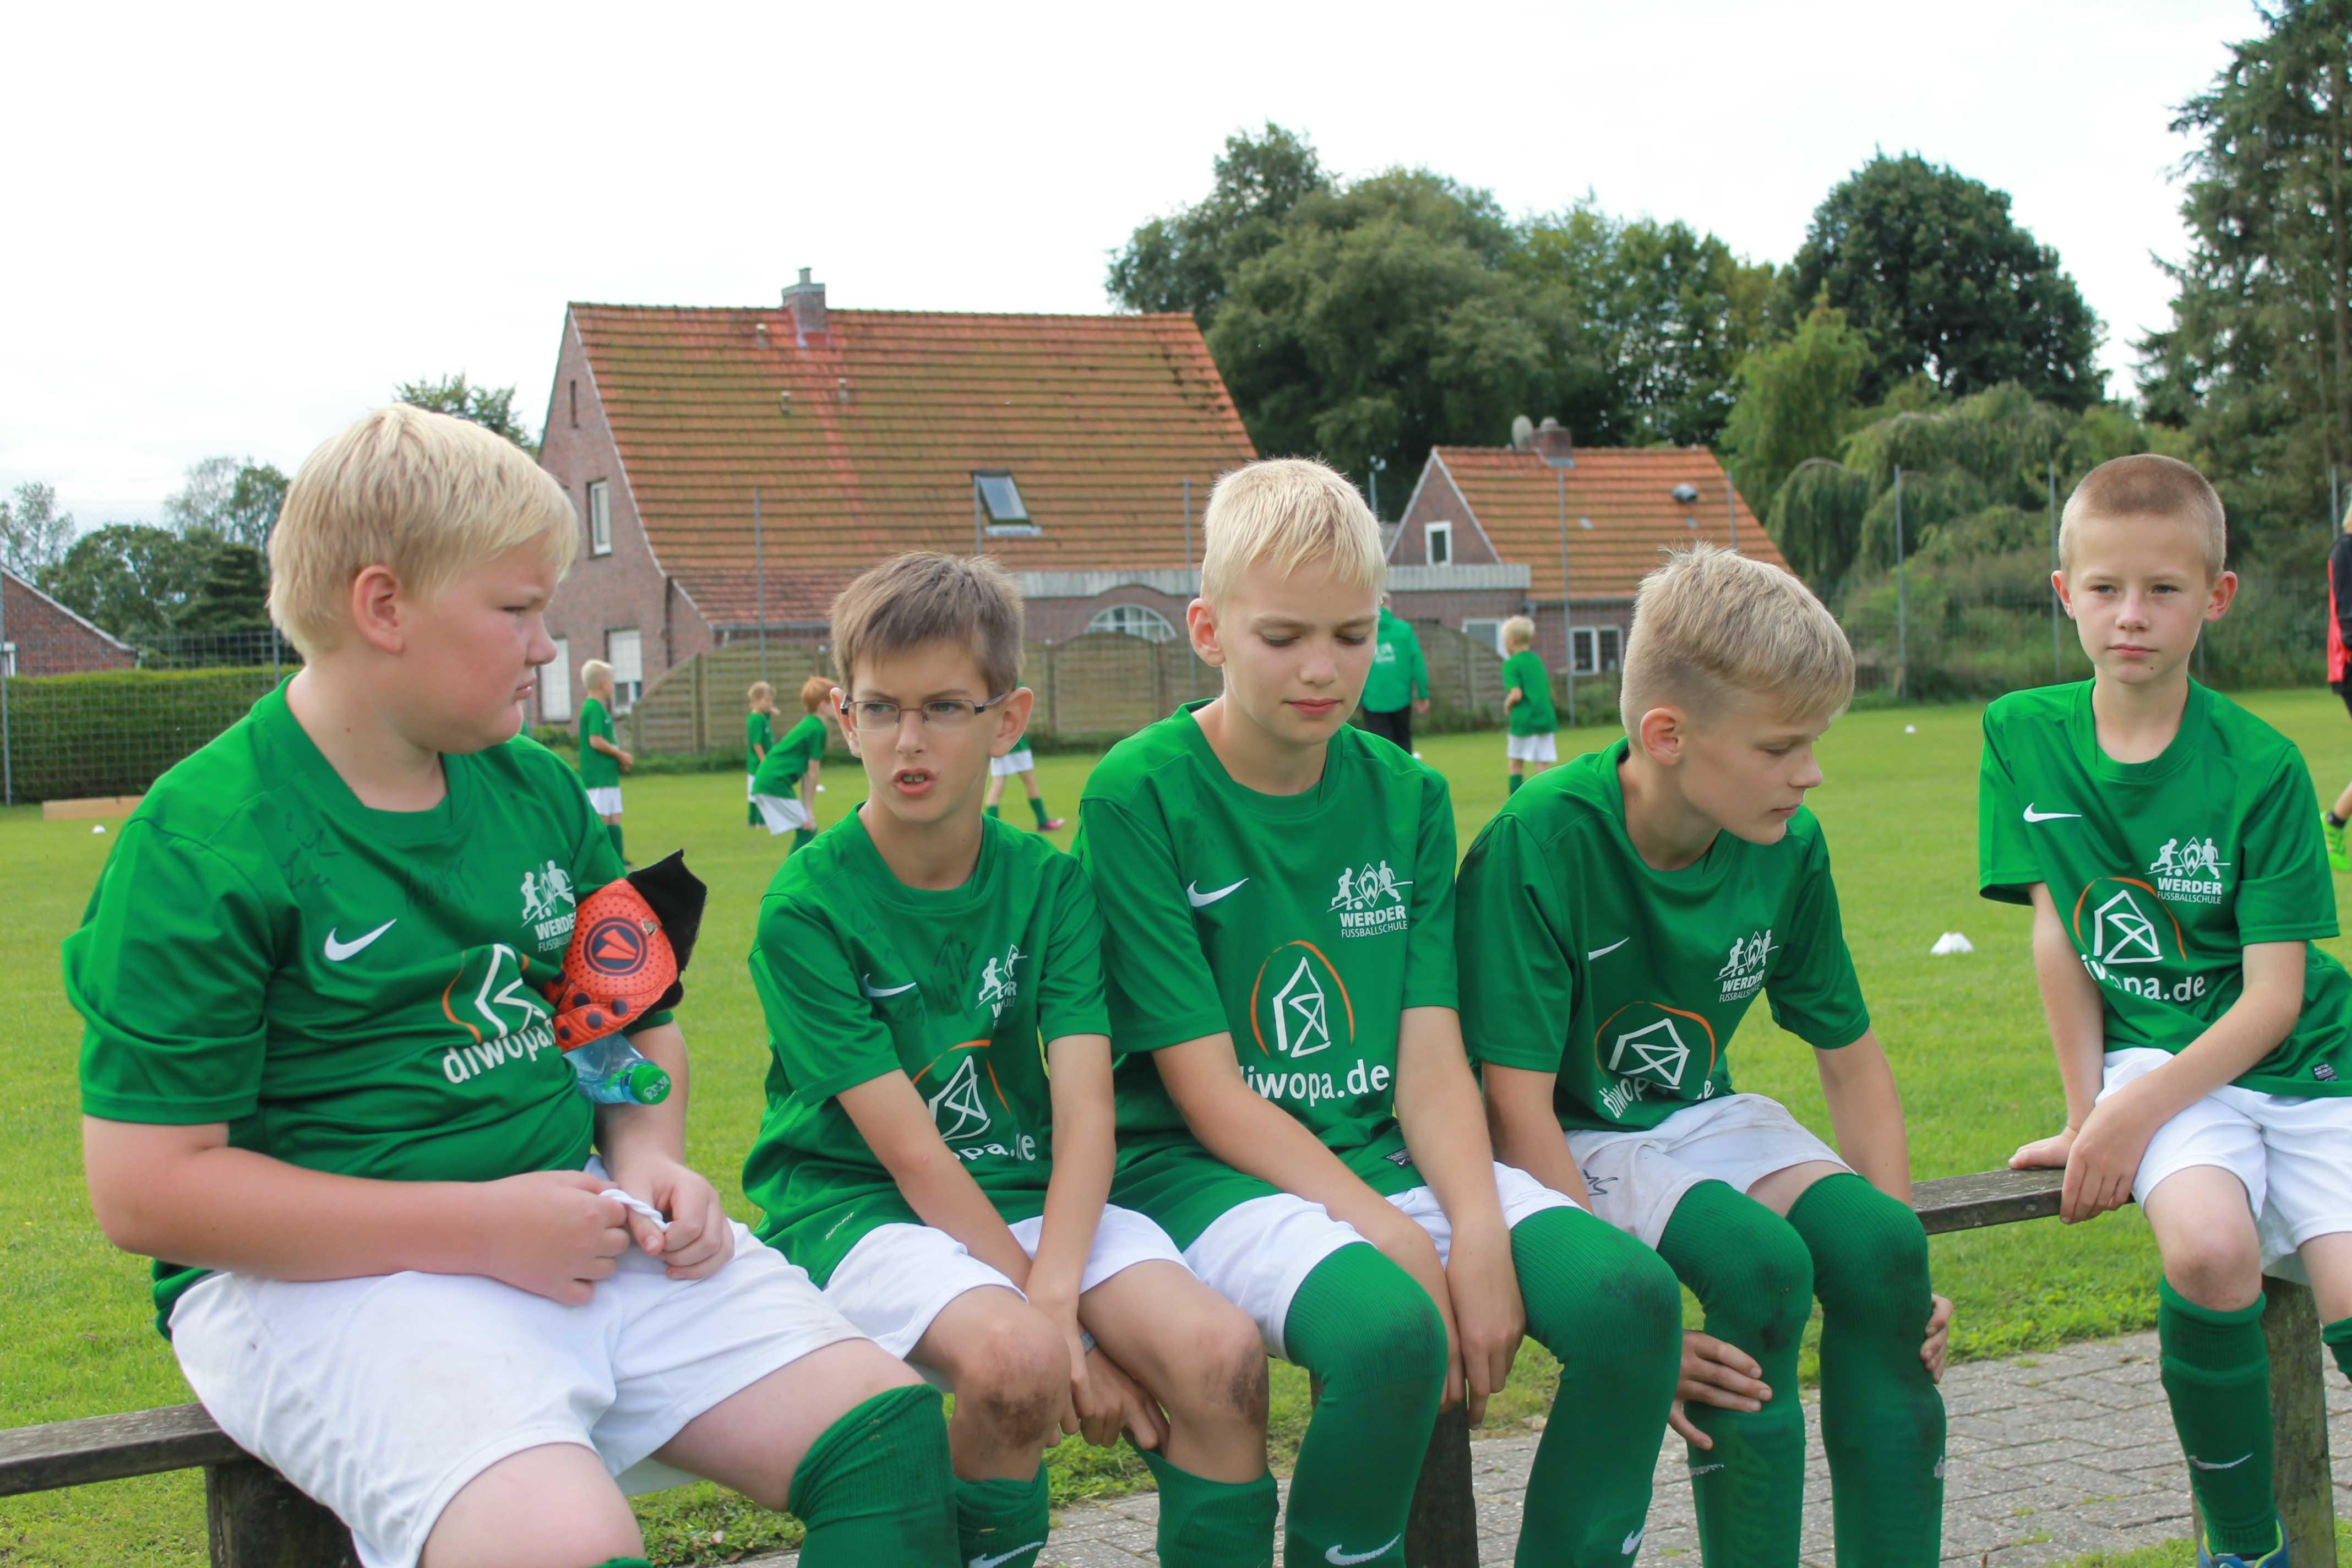 2016-08-14 Werder CAMPontour - Sonntag (25)